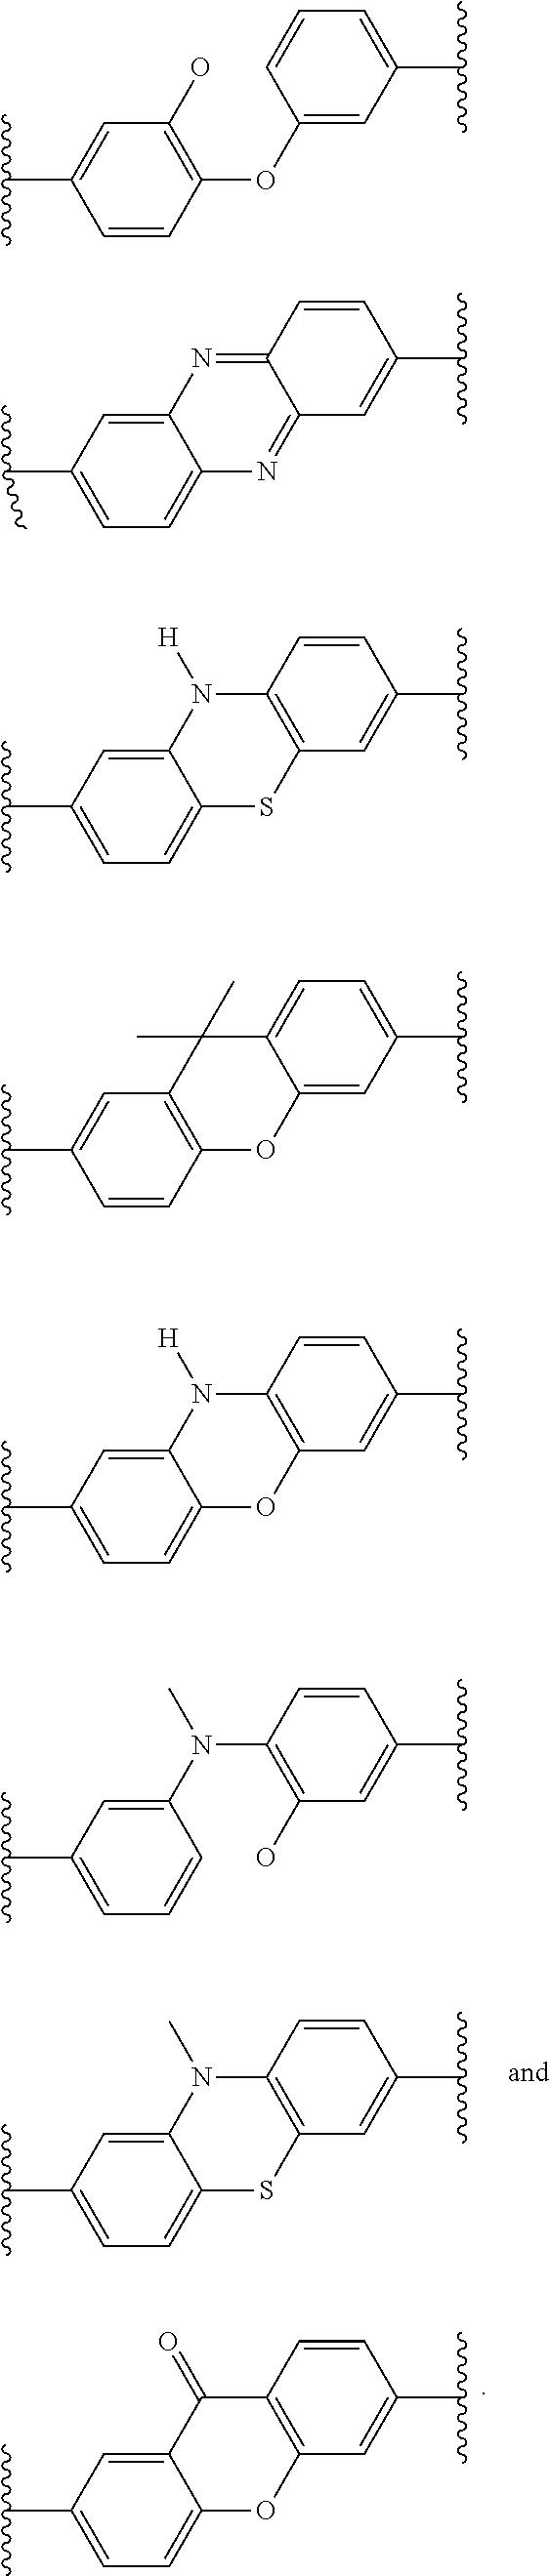 Figure US08841278-20140923-C00113